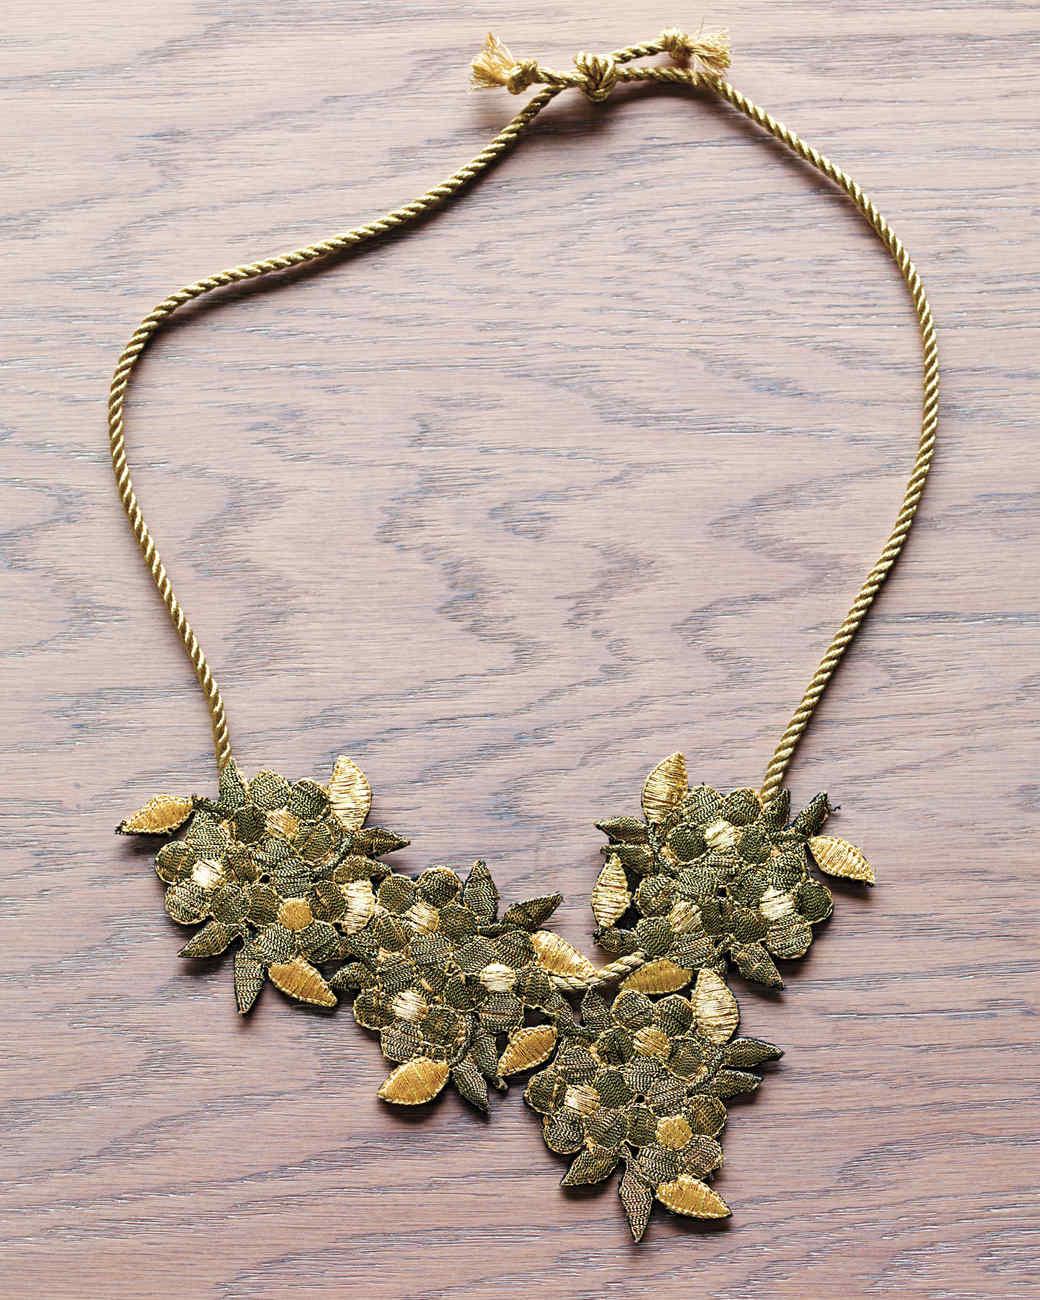 gold-flower-overhead-029-mld109761.jpg